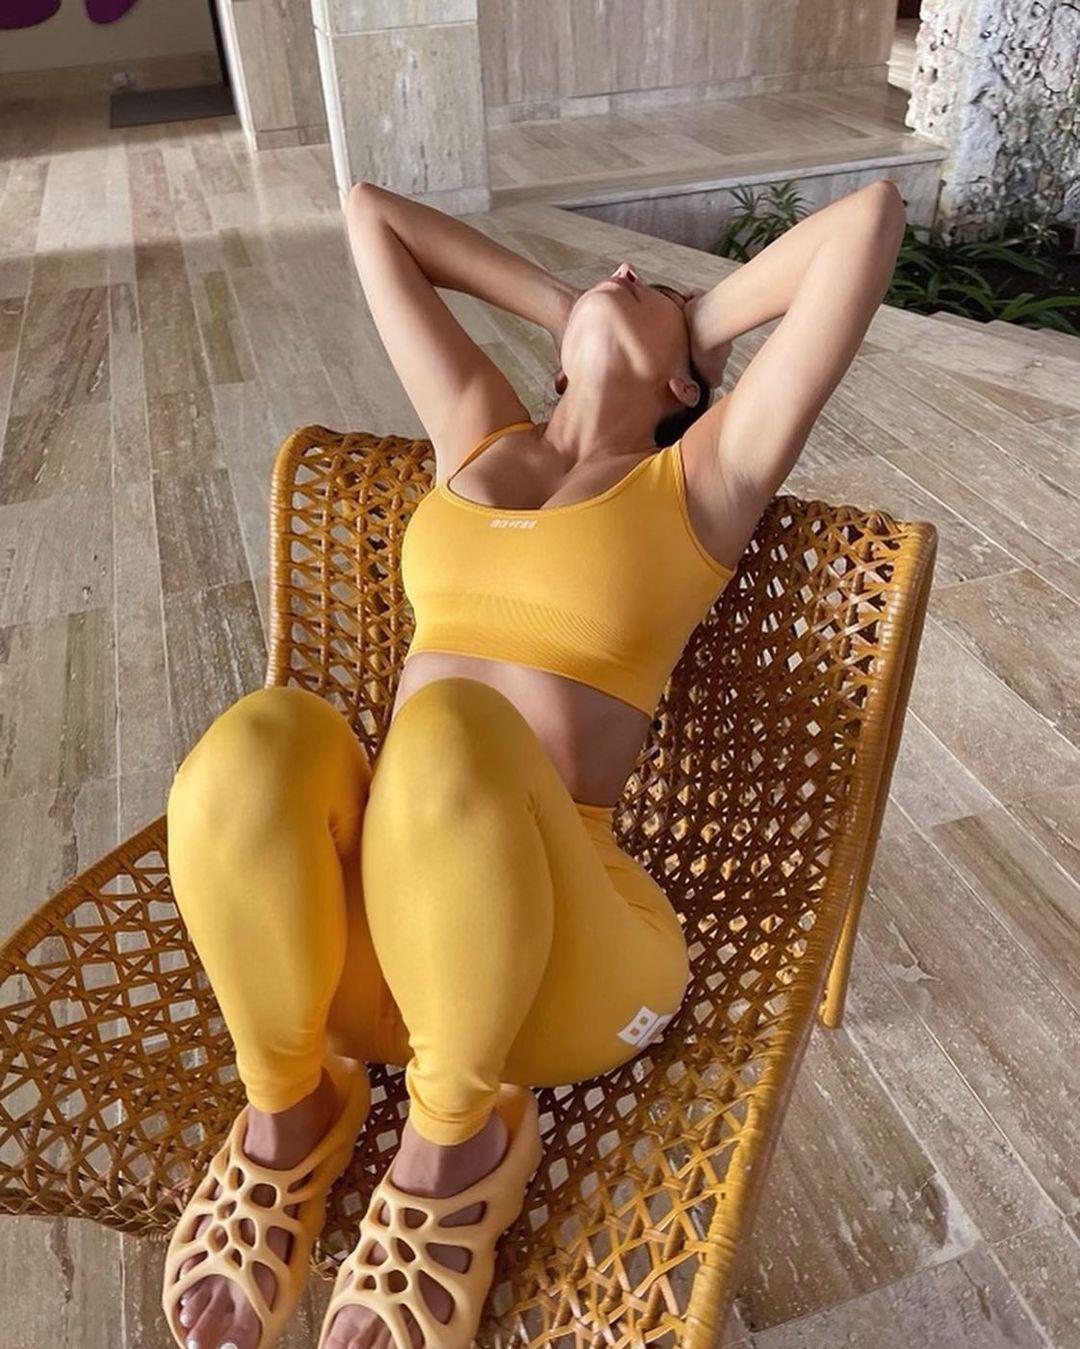 Kim Kardashian In Sexy Gmy Outfit